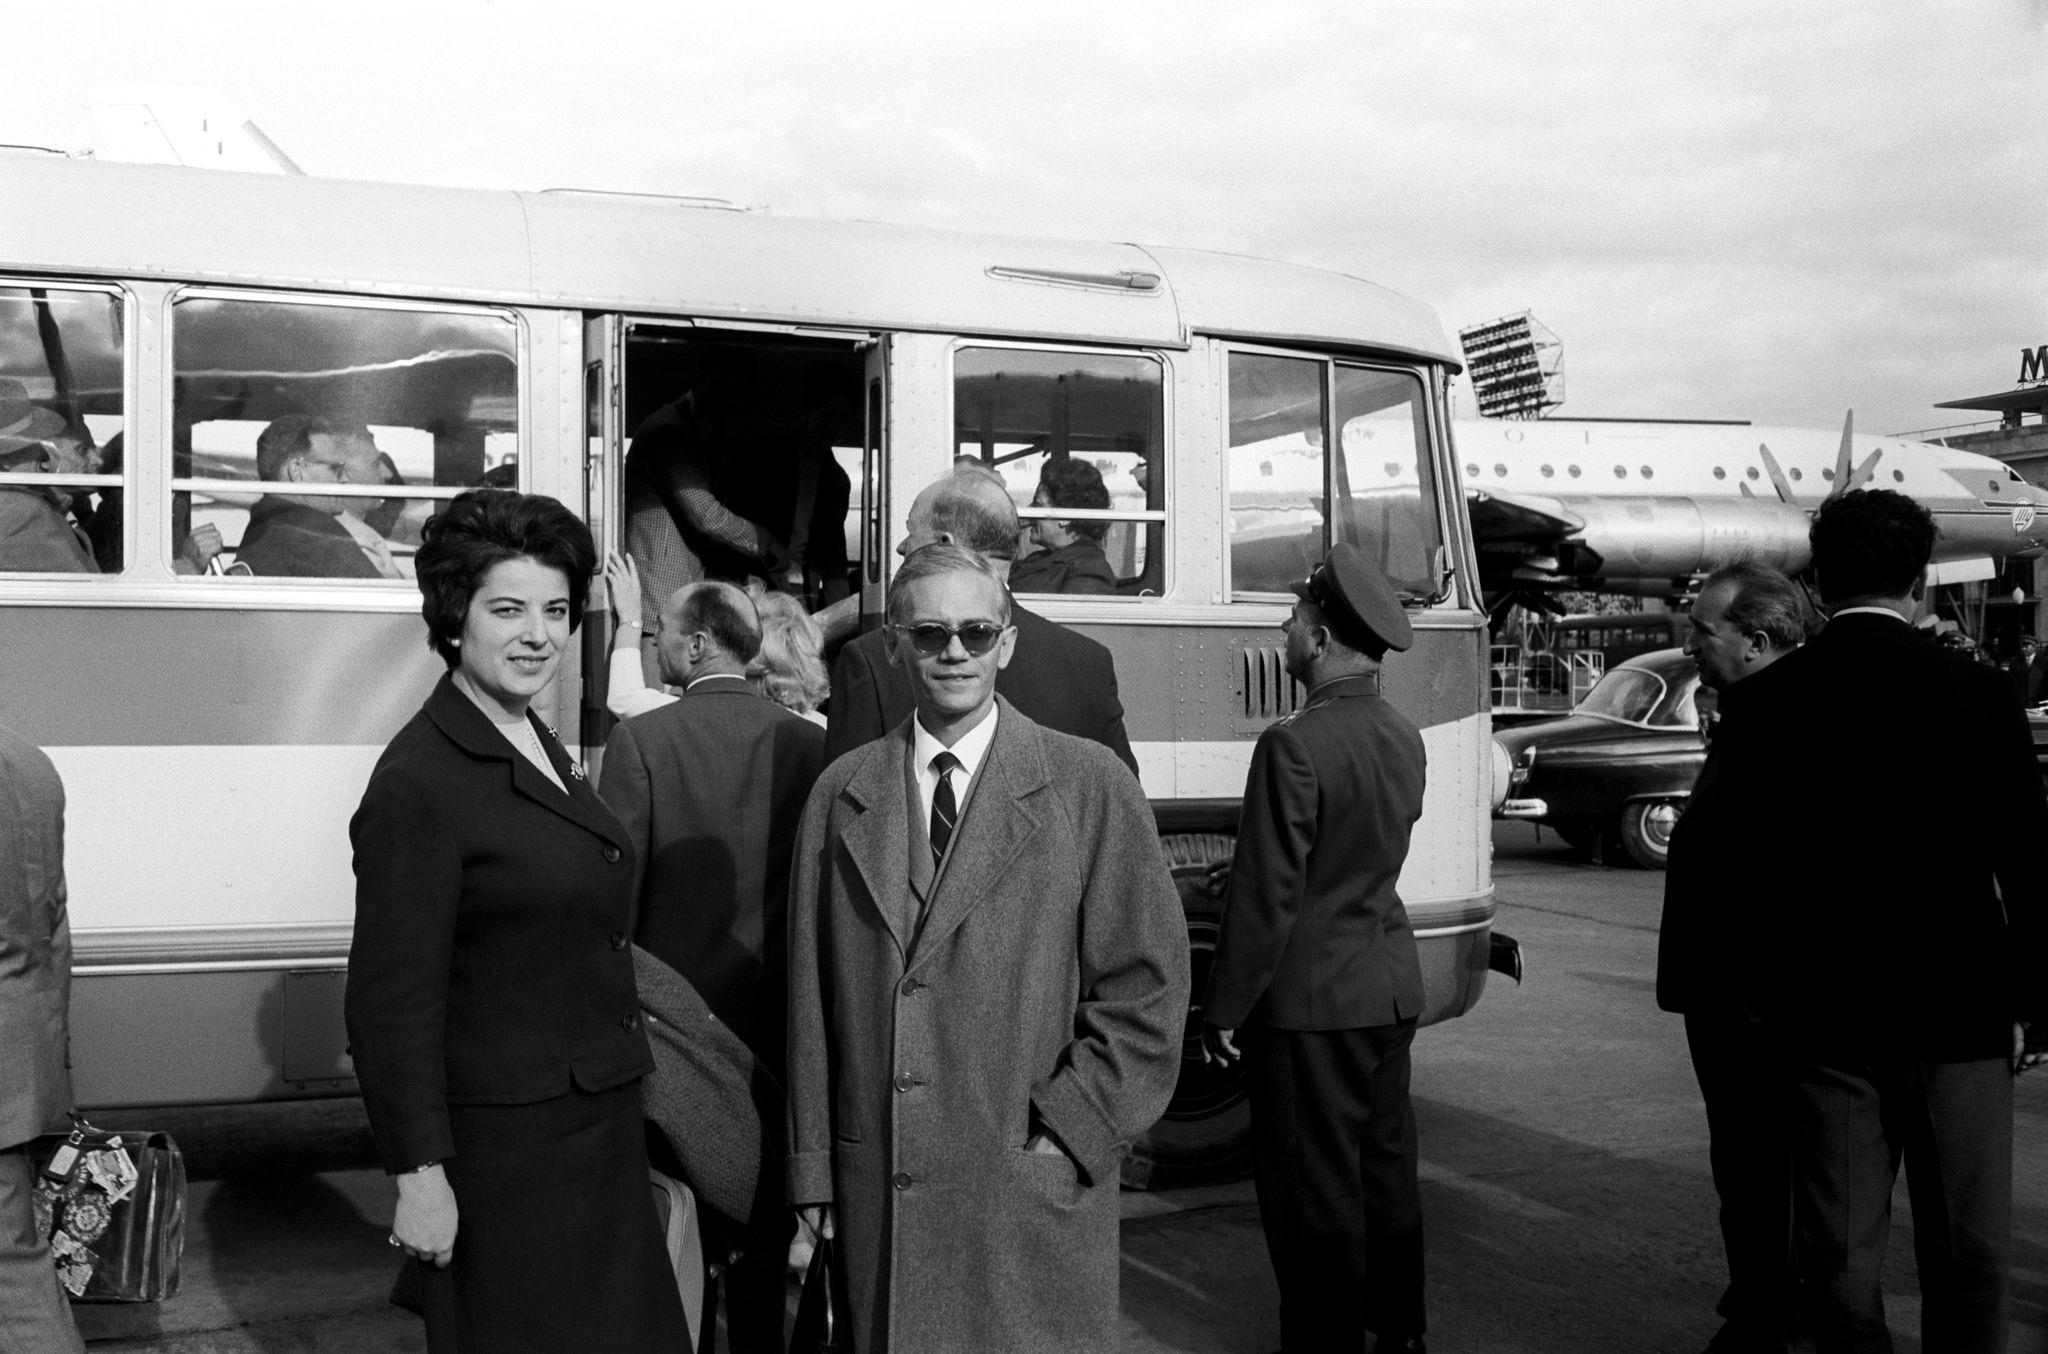 Труппа артистов Театра Ла Скала садится в автобус чтобы выехать из аэропорта.png